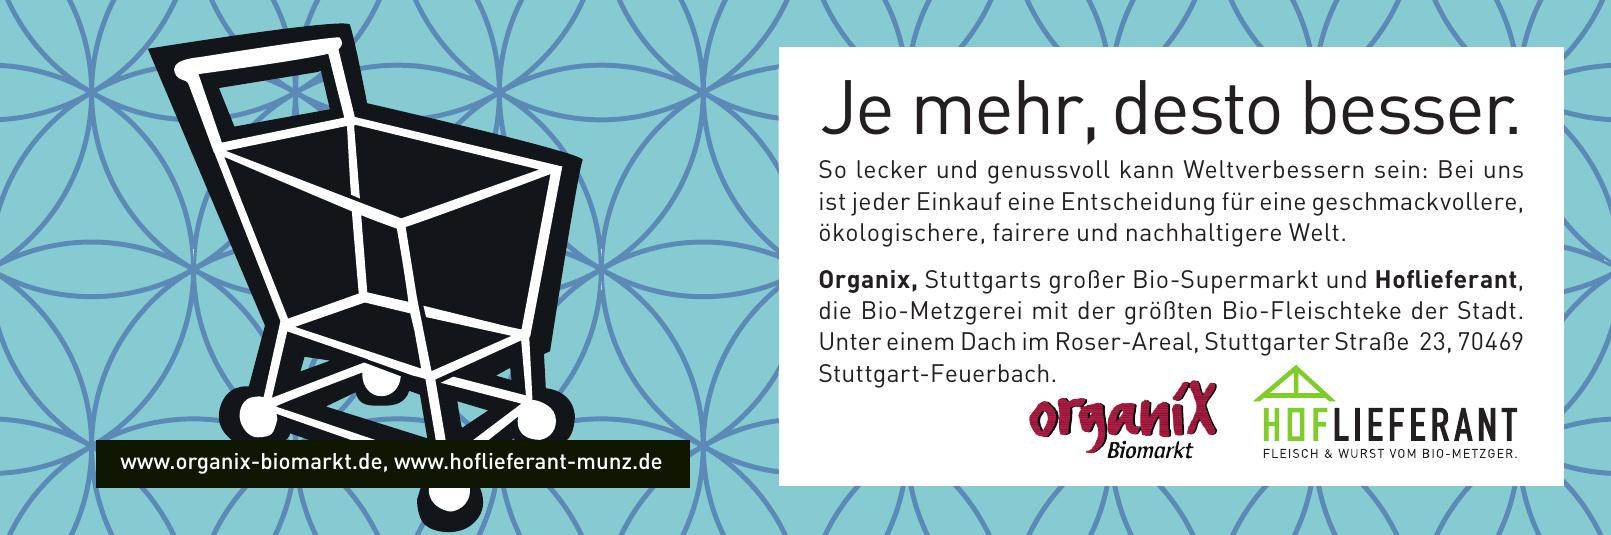 Organix Biomarkt GmbH